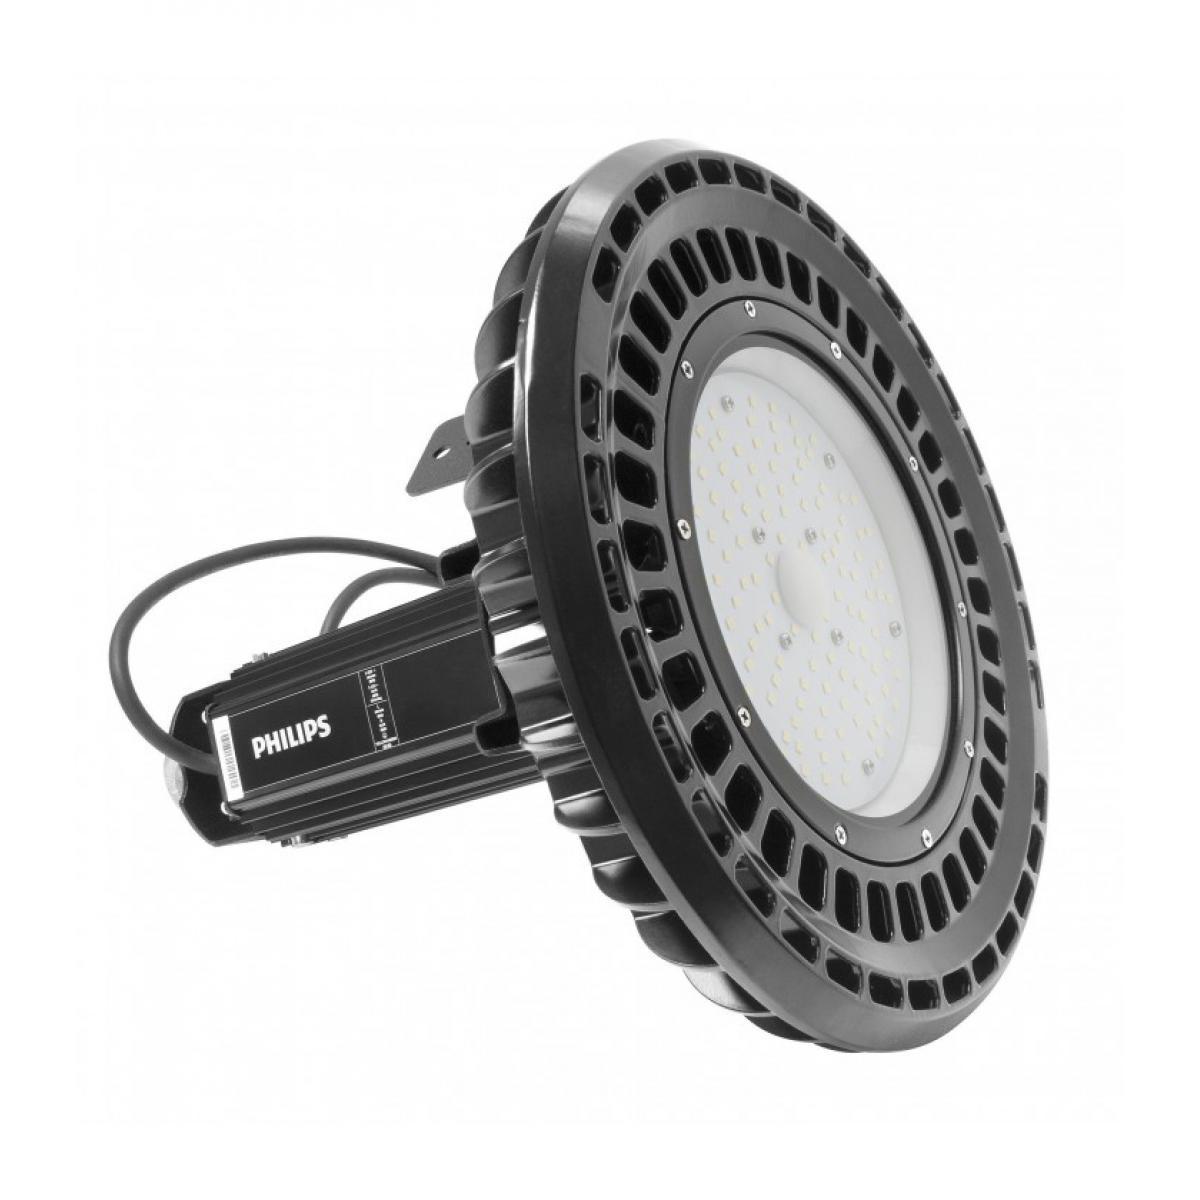 Delitech Blanc Neutre - Cloche LED UFO / suspension industrielle - 100 W - Full Philips - ALTHAE - DeliTech® - Usiné en France